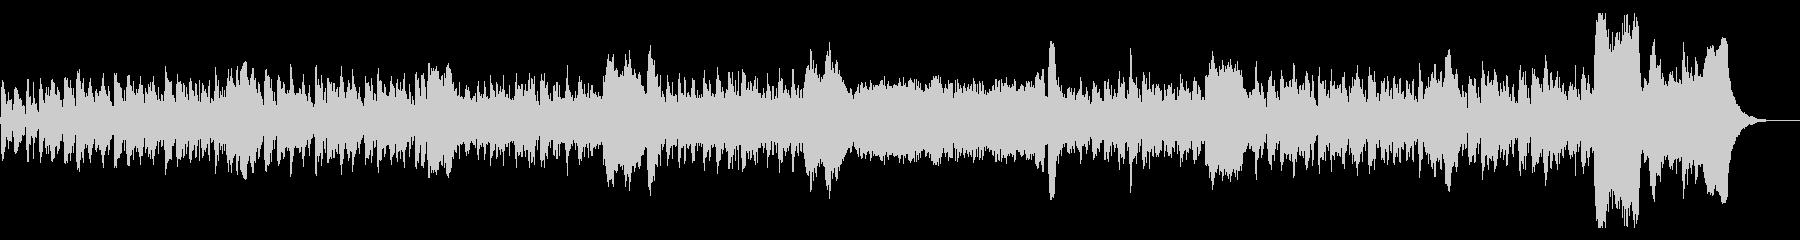 軽快なオルガン曲の未再生の波形